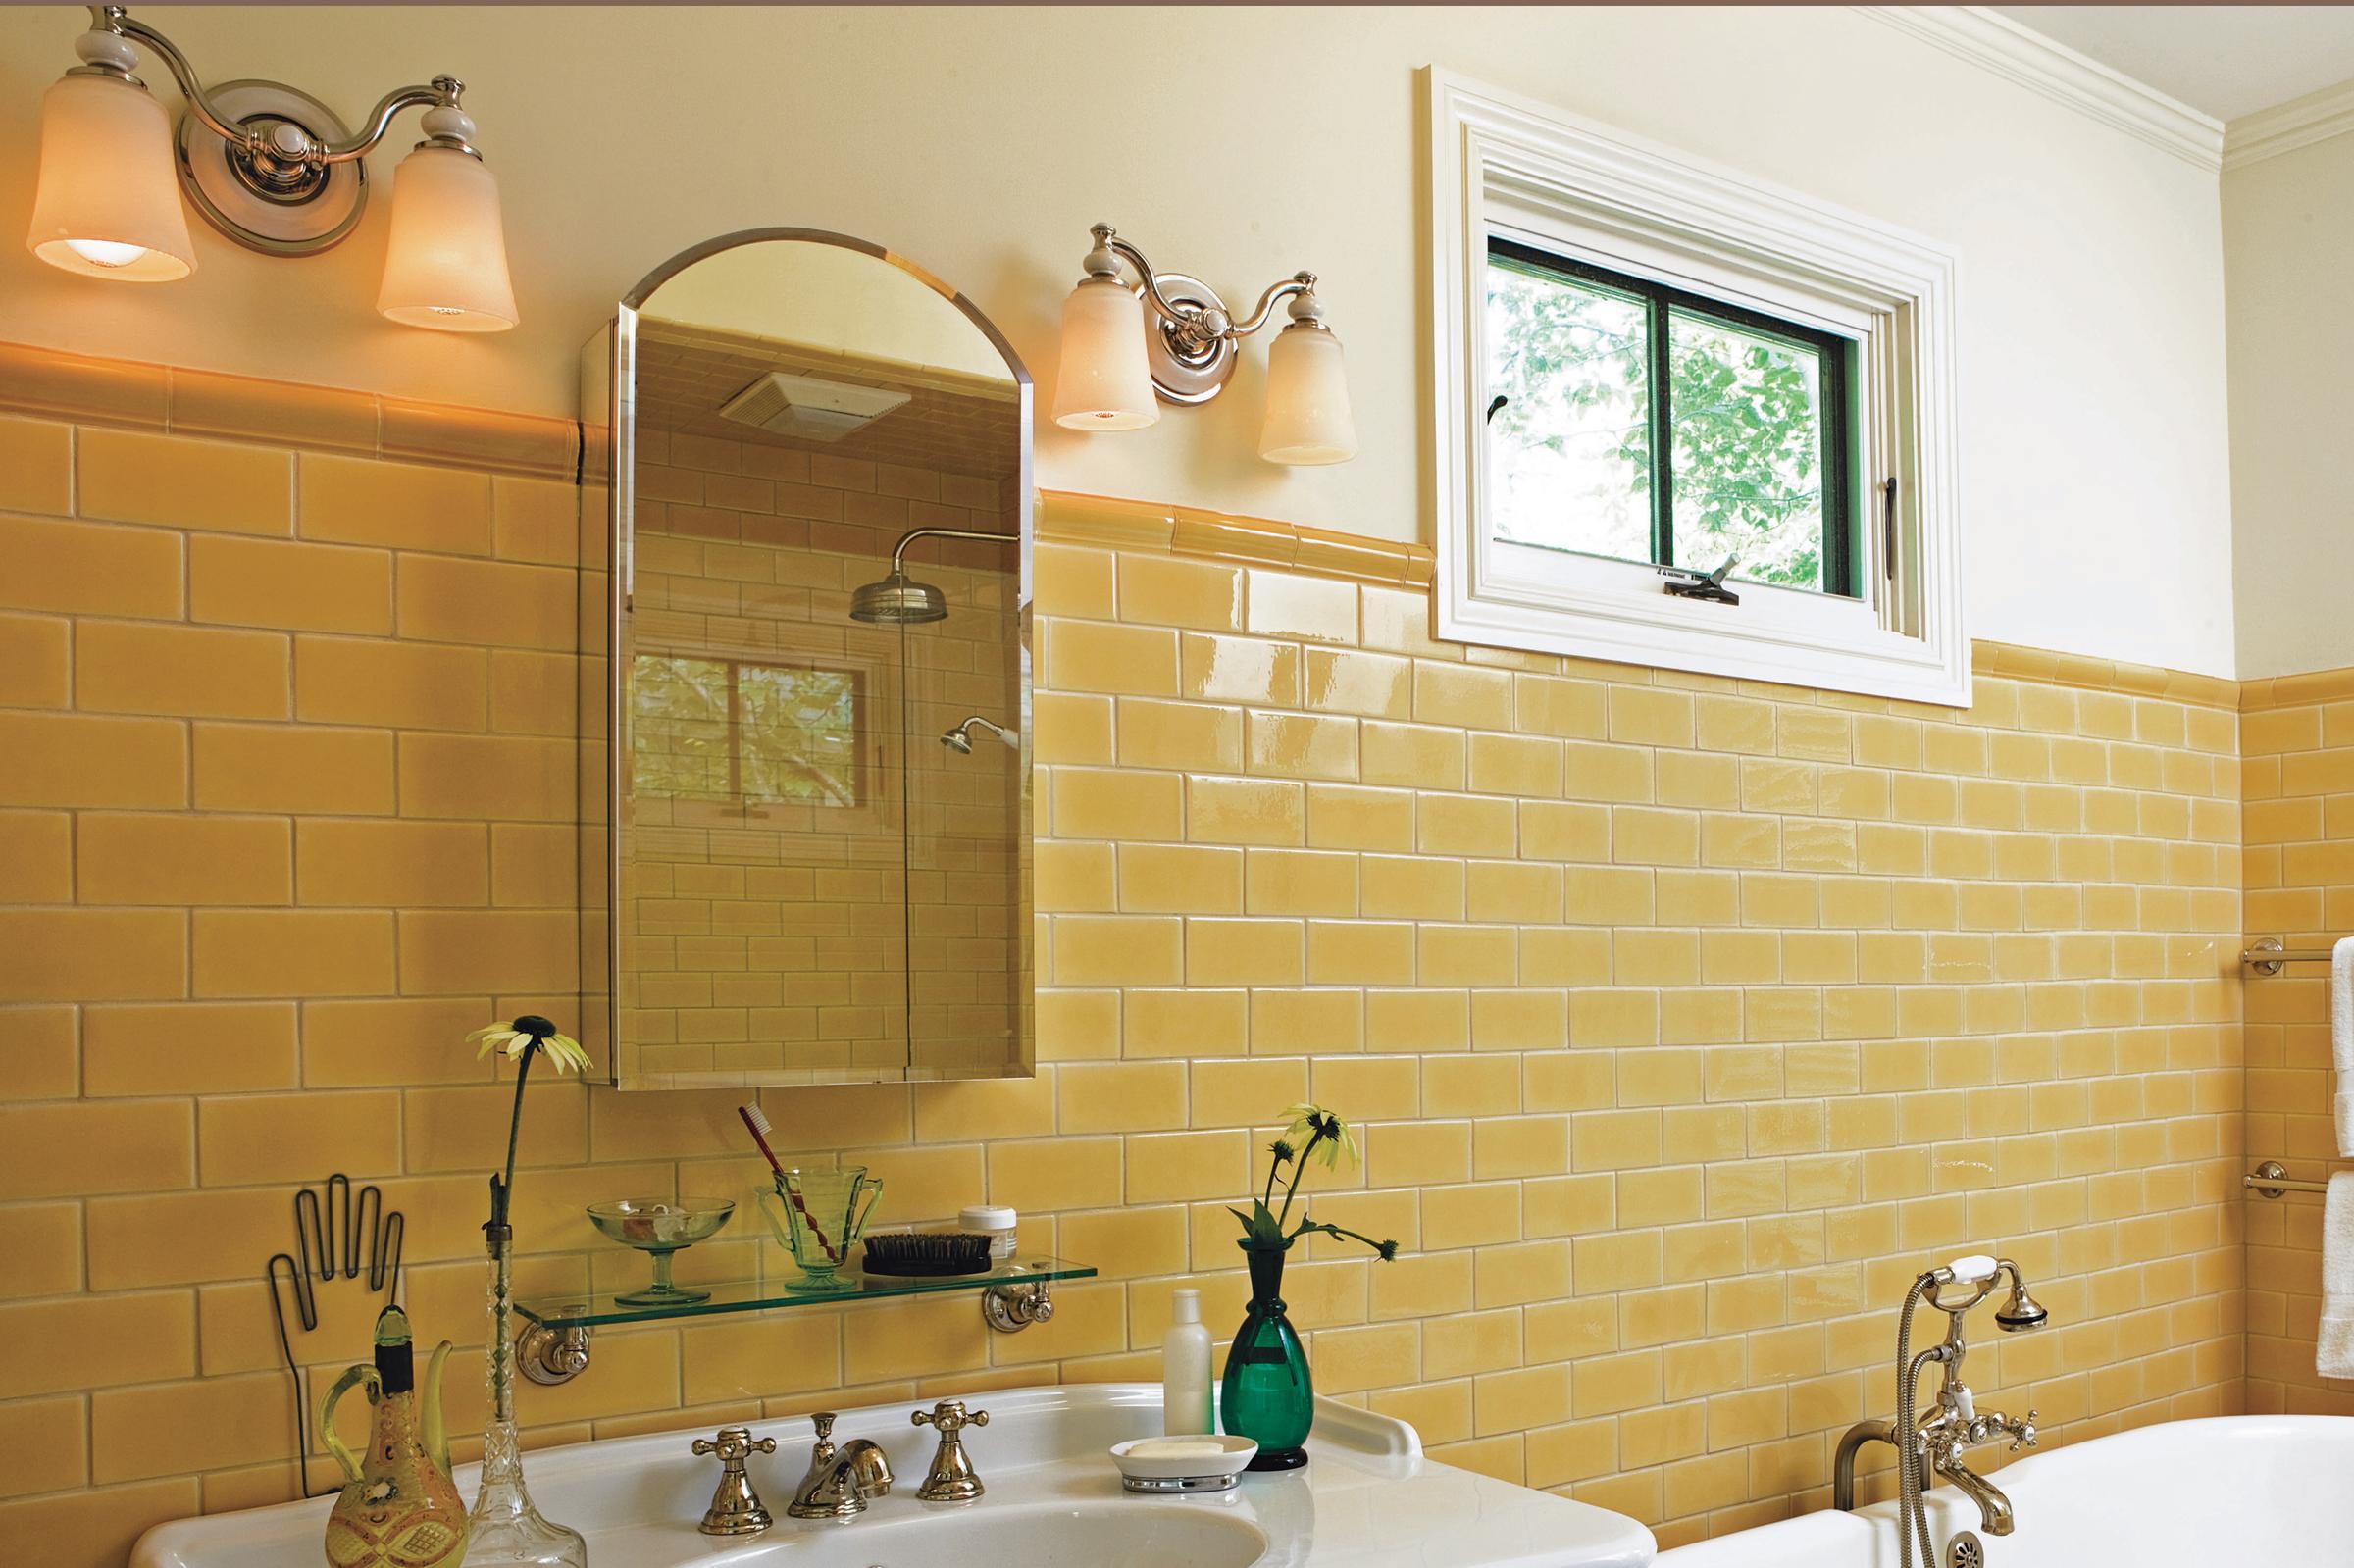 Painted bathroom vanities